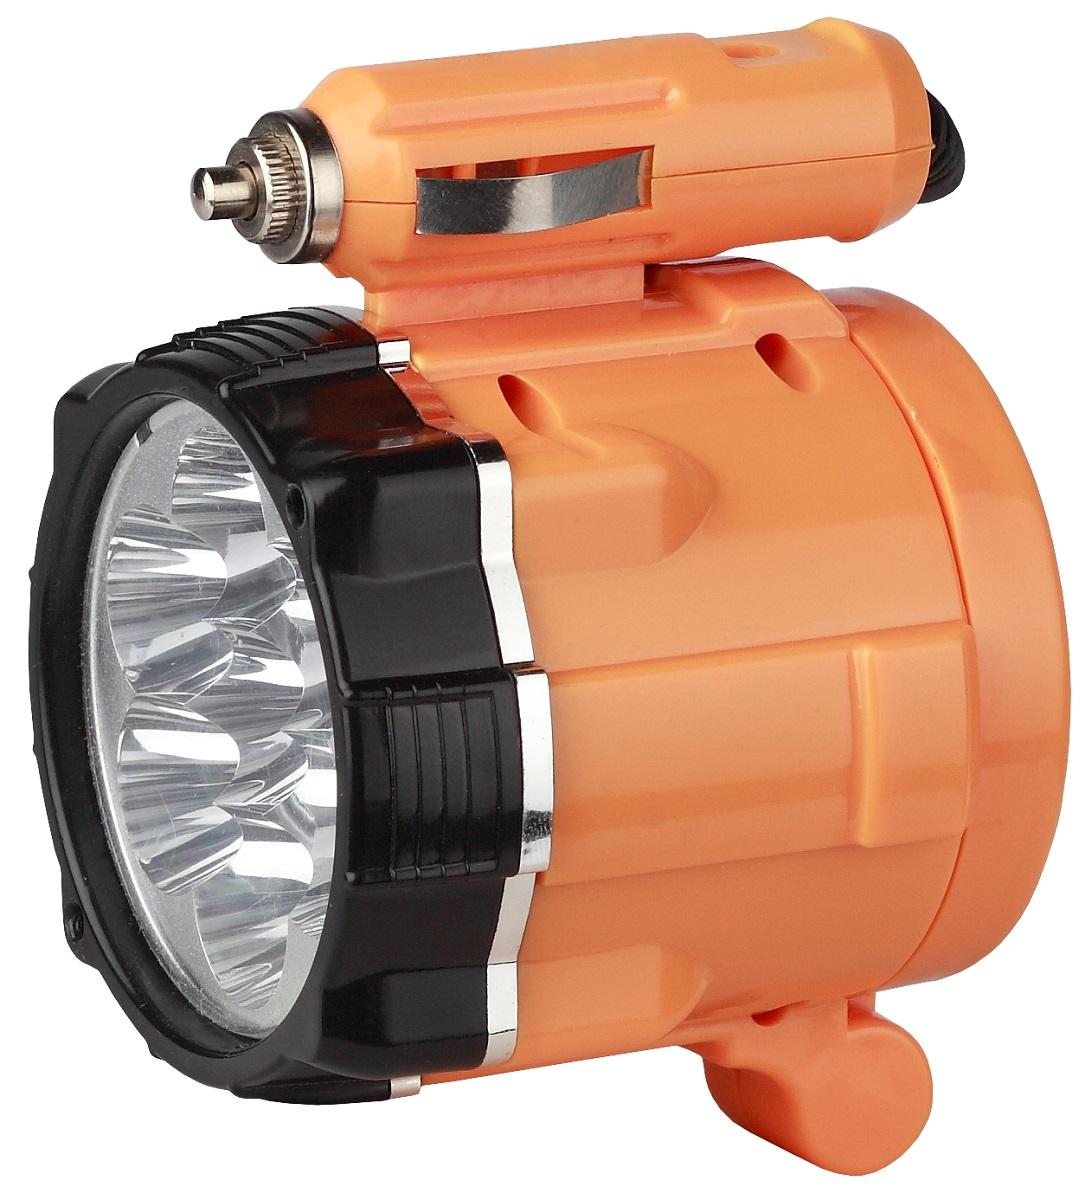 Фонарь ручной Эра A3M, цвет: оранжевый, черныйA3MАвтомобильный осветительный прибор-переноска Эра A3M с семью яркими светодиодными лампами белого цвета LED. Изделие работает от сети автомобиля 12 Вольт. Для более удобного использования фонарь укомплектован трехметровым шнуром питания. Наличие магнита позволяет фиксировать прибор под различными углами.